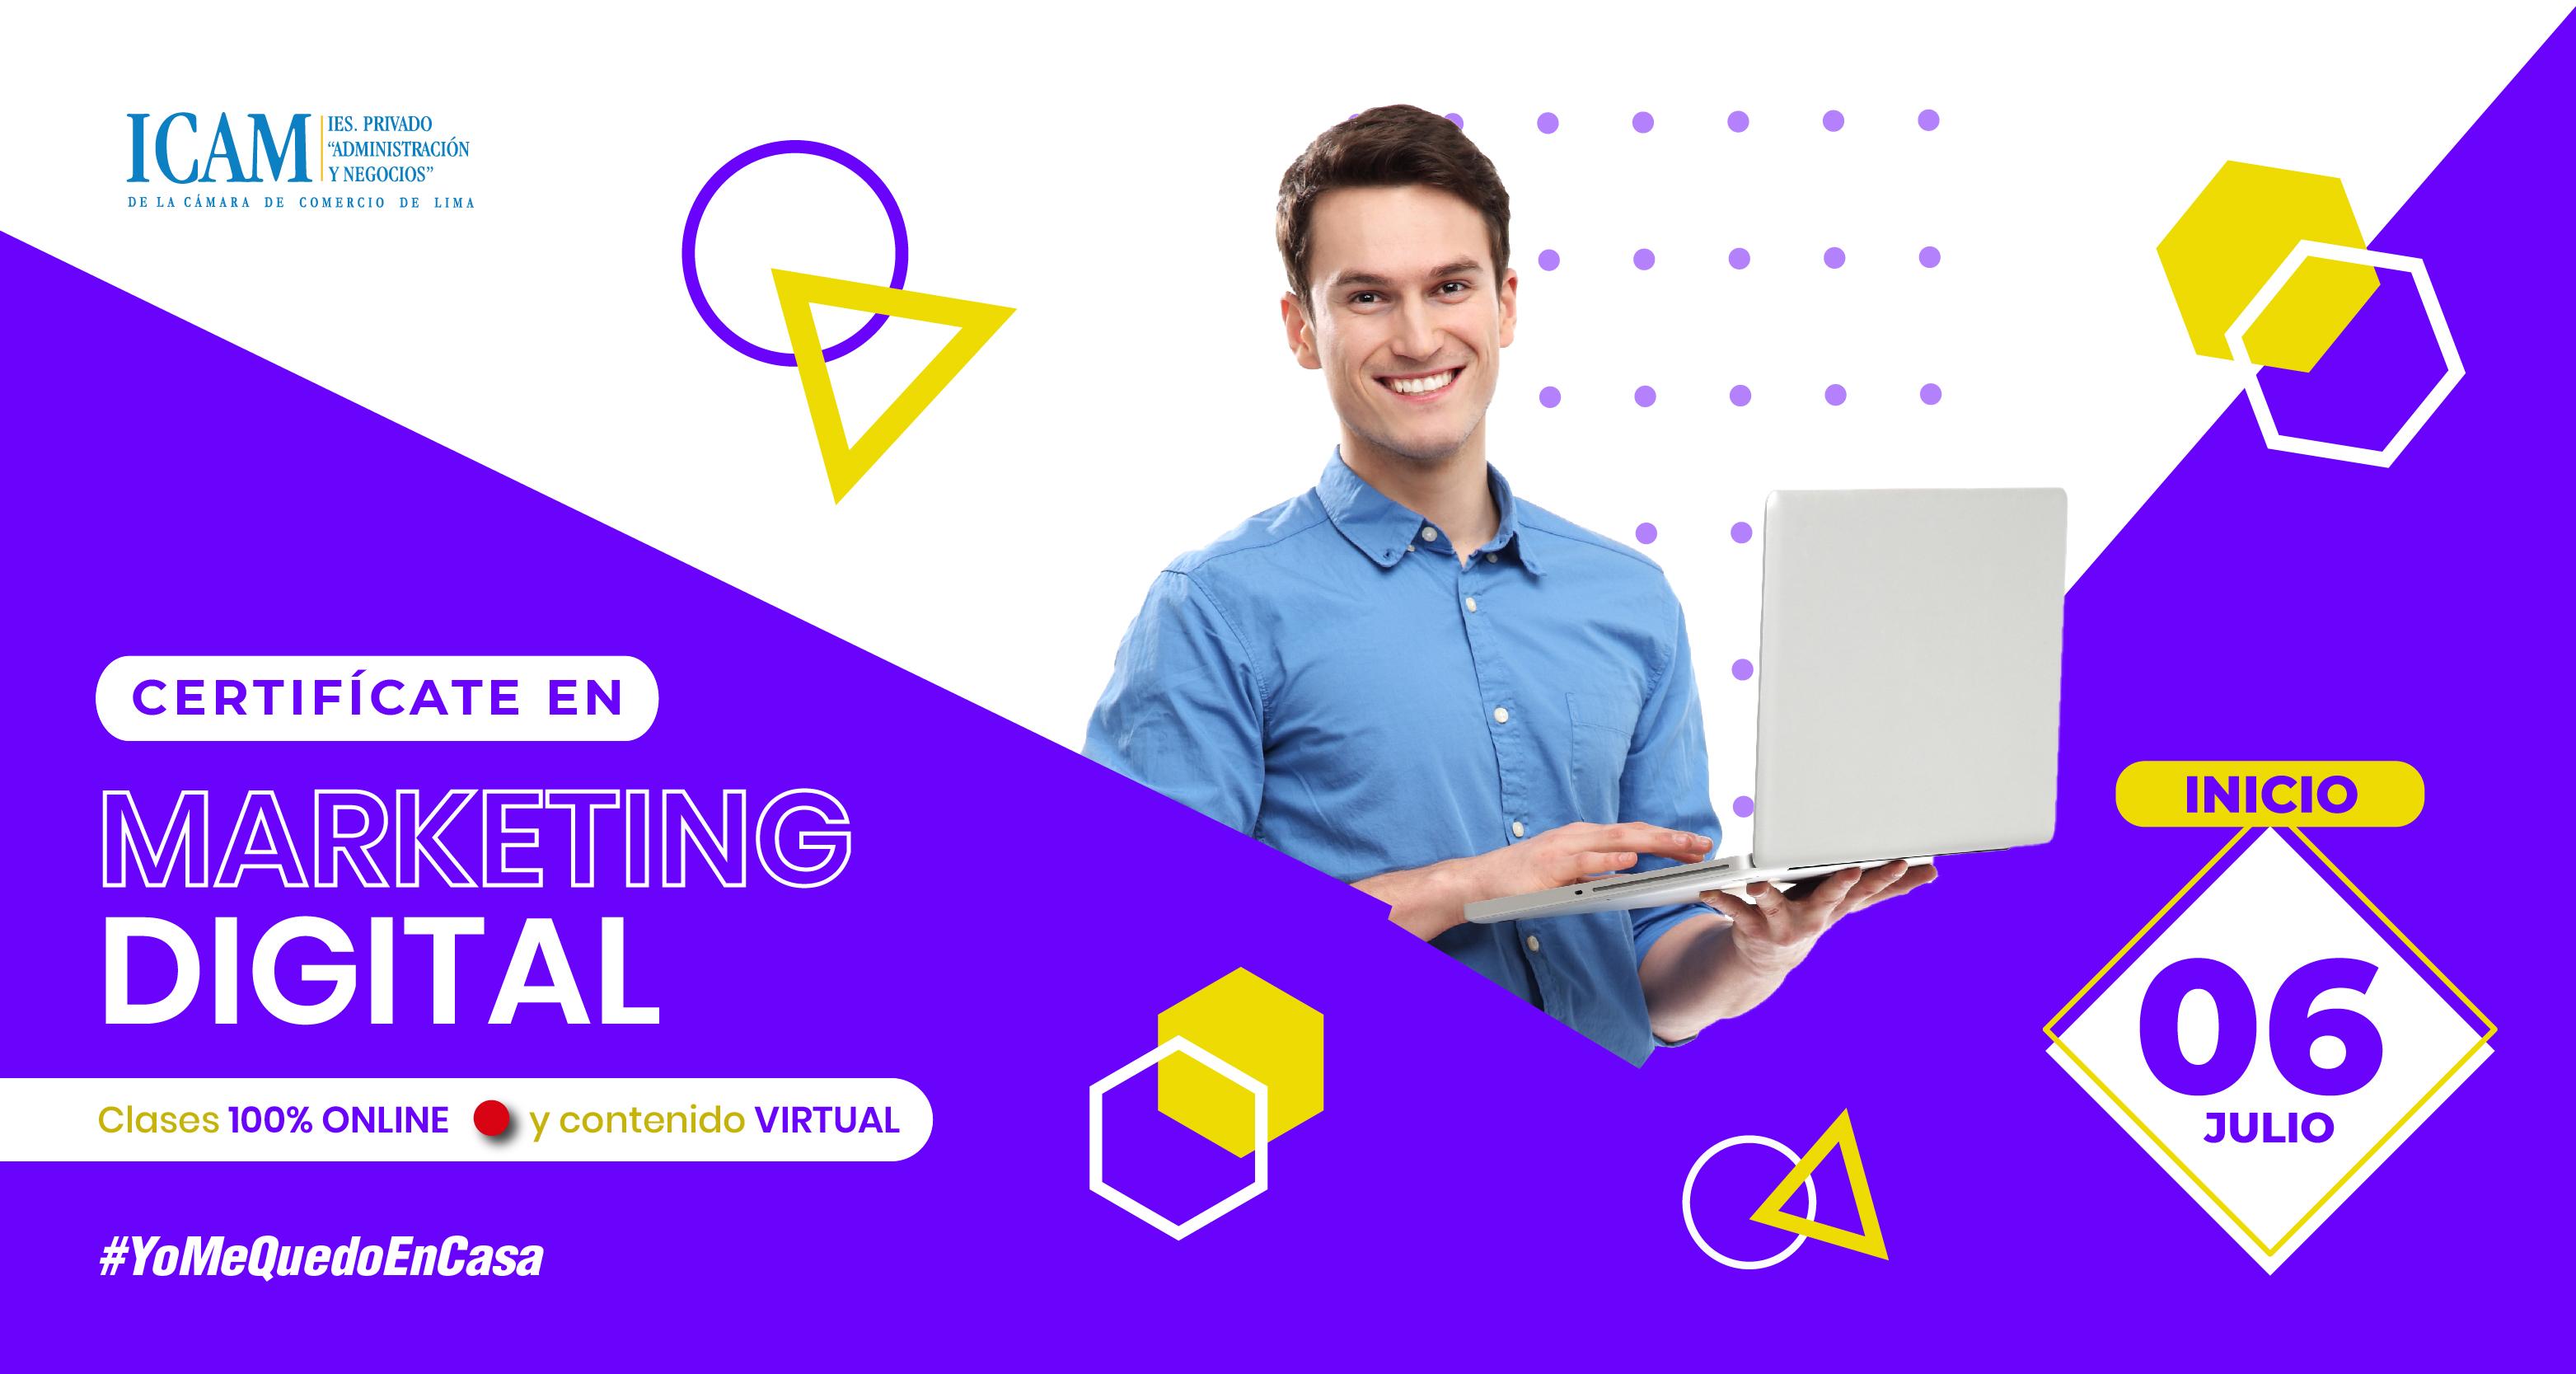 Certifícate en Marketing Digital